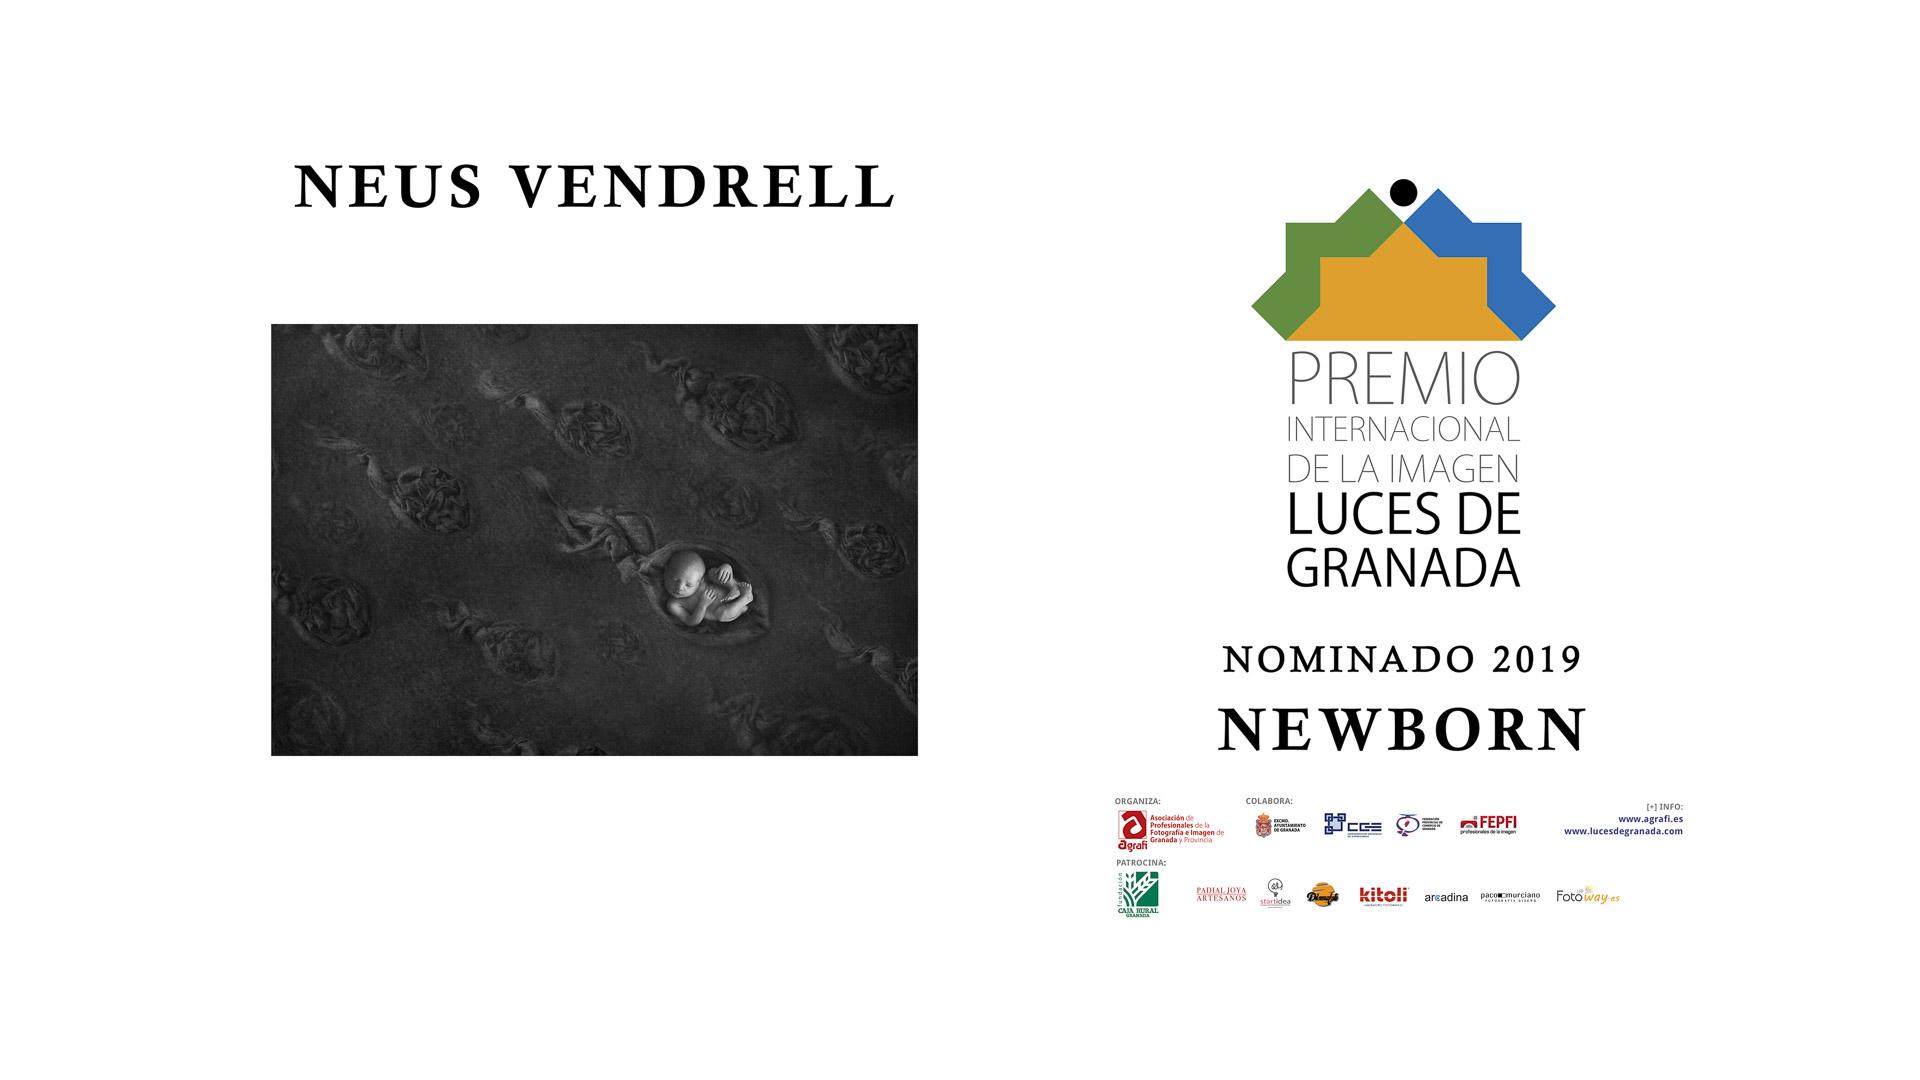 NB16_NEUS VENDRELL